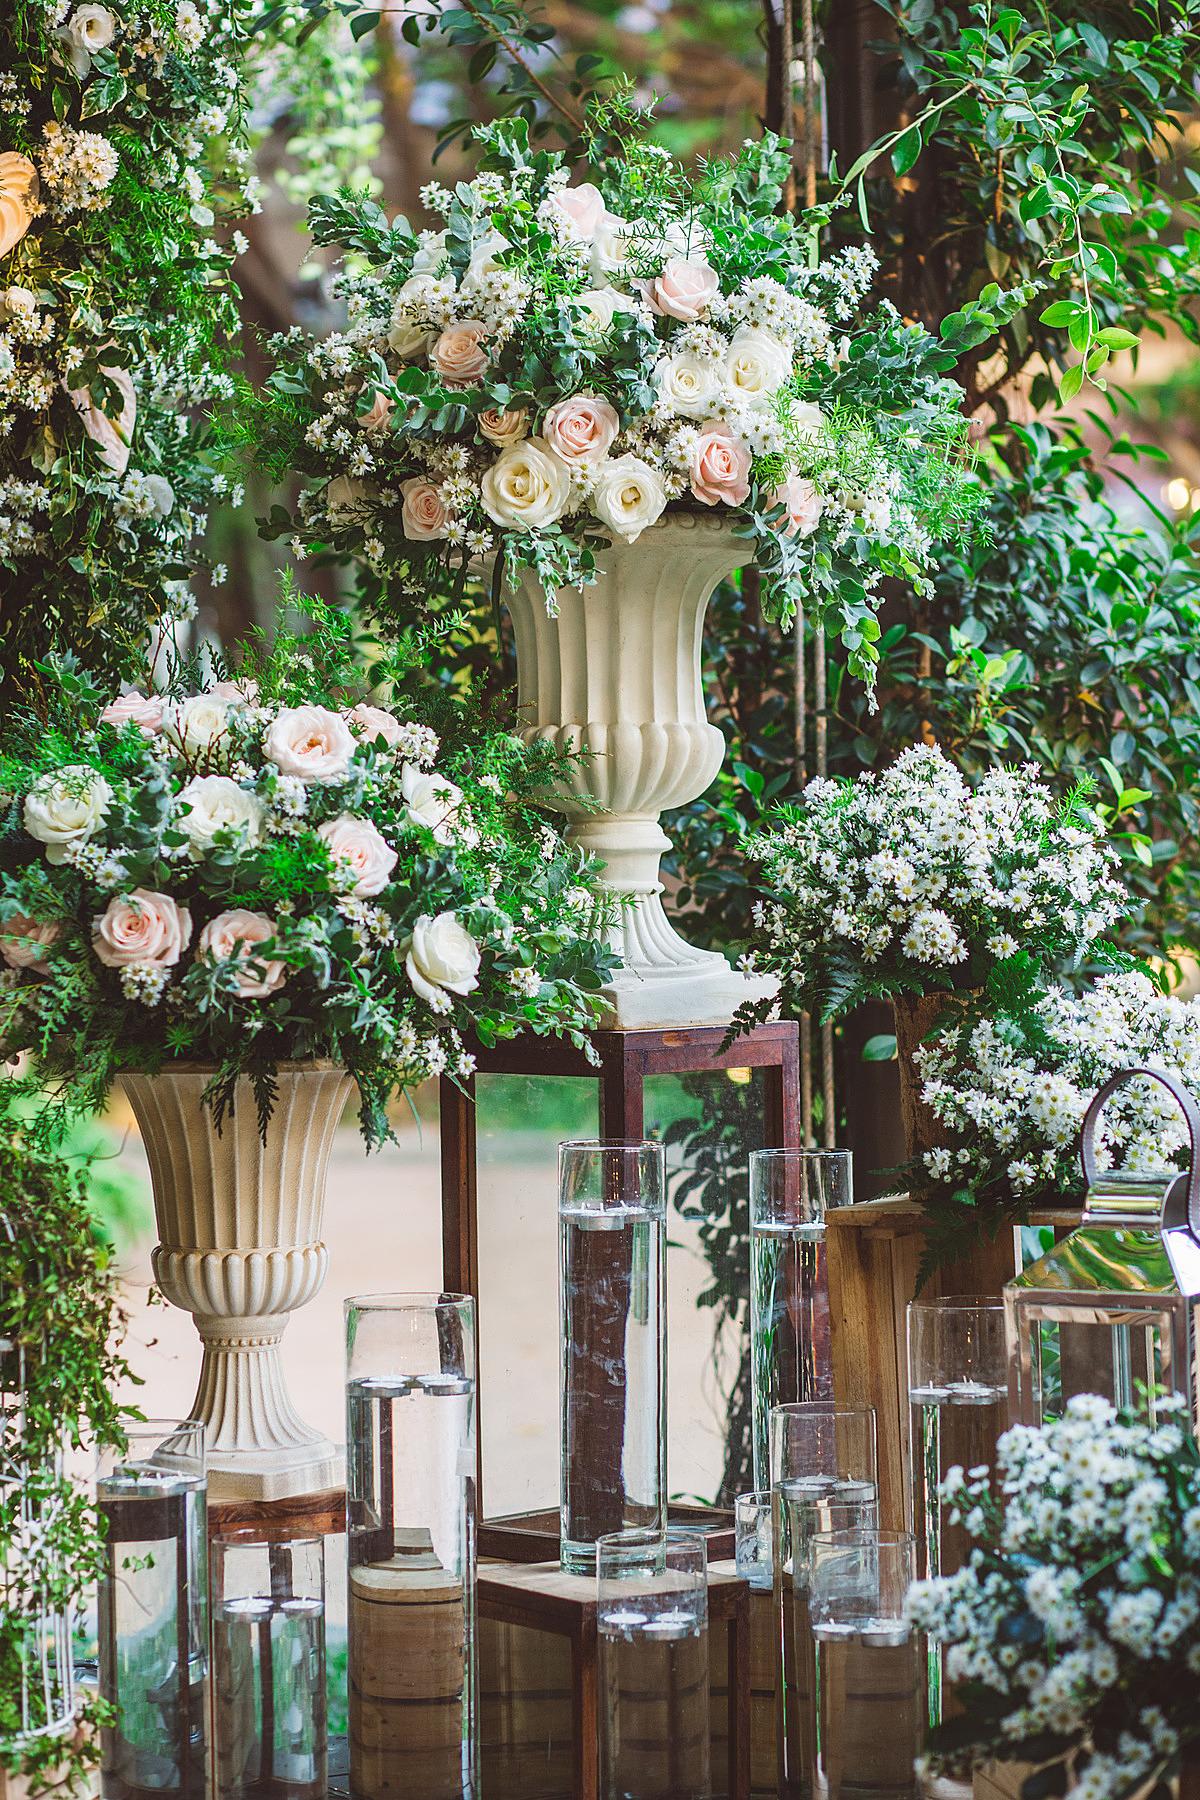 Bốn sảnh tiệc trong nhà và hai sảnh tiệc ngoài trời đều được đầu tư chuyên nghiệp về thiết kế, mang đến những sự lựa chọn phù hợp, đáp ứng mọi yêu cầu tổ chức tiệc cưới.